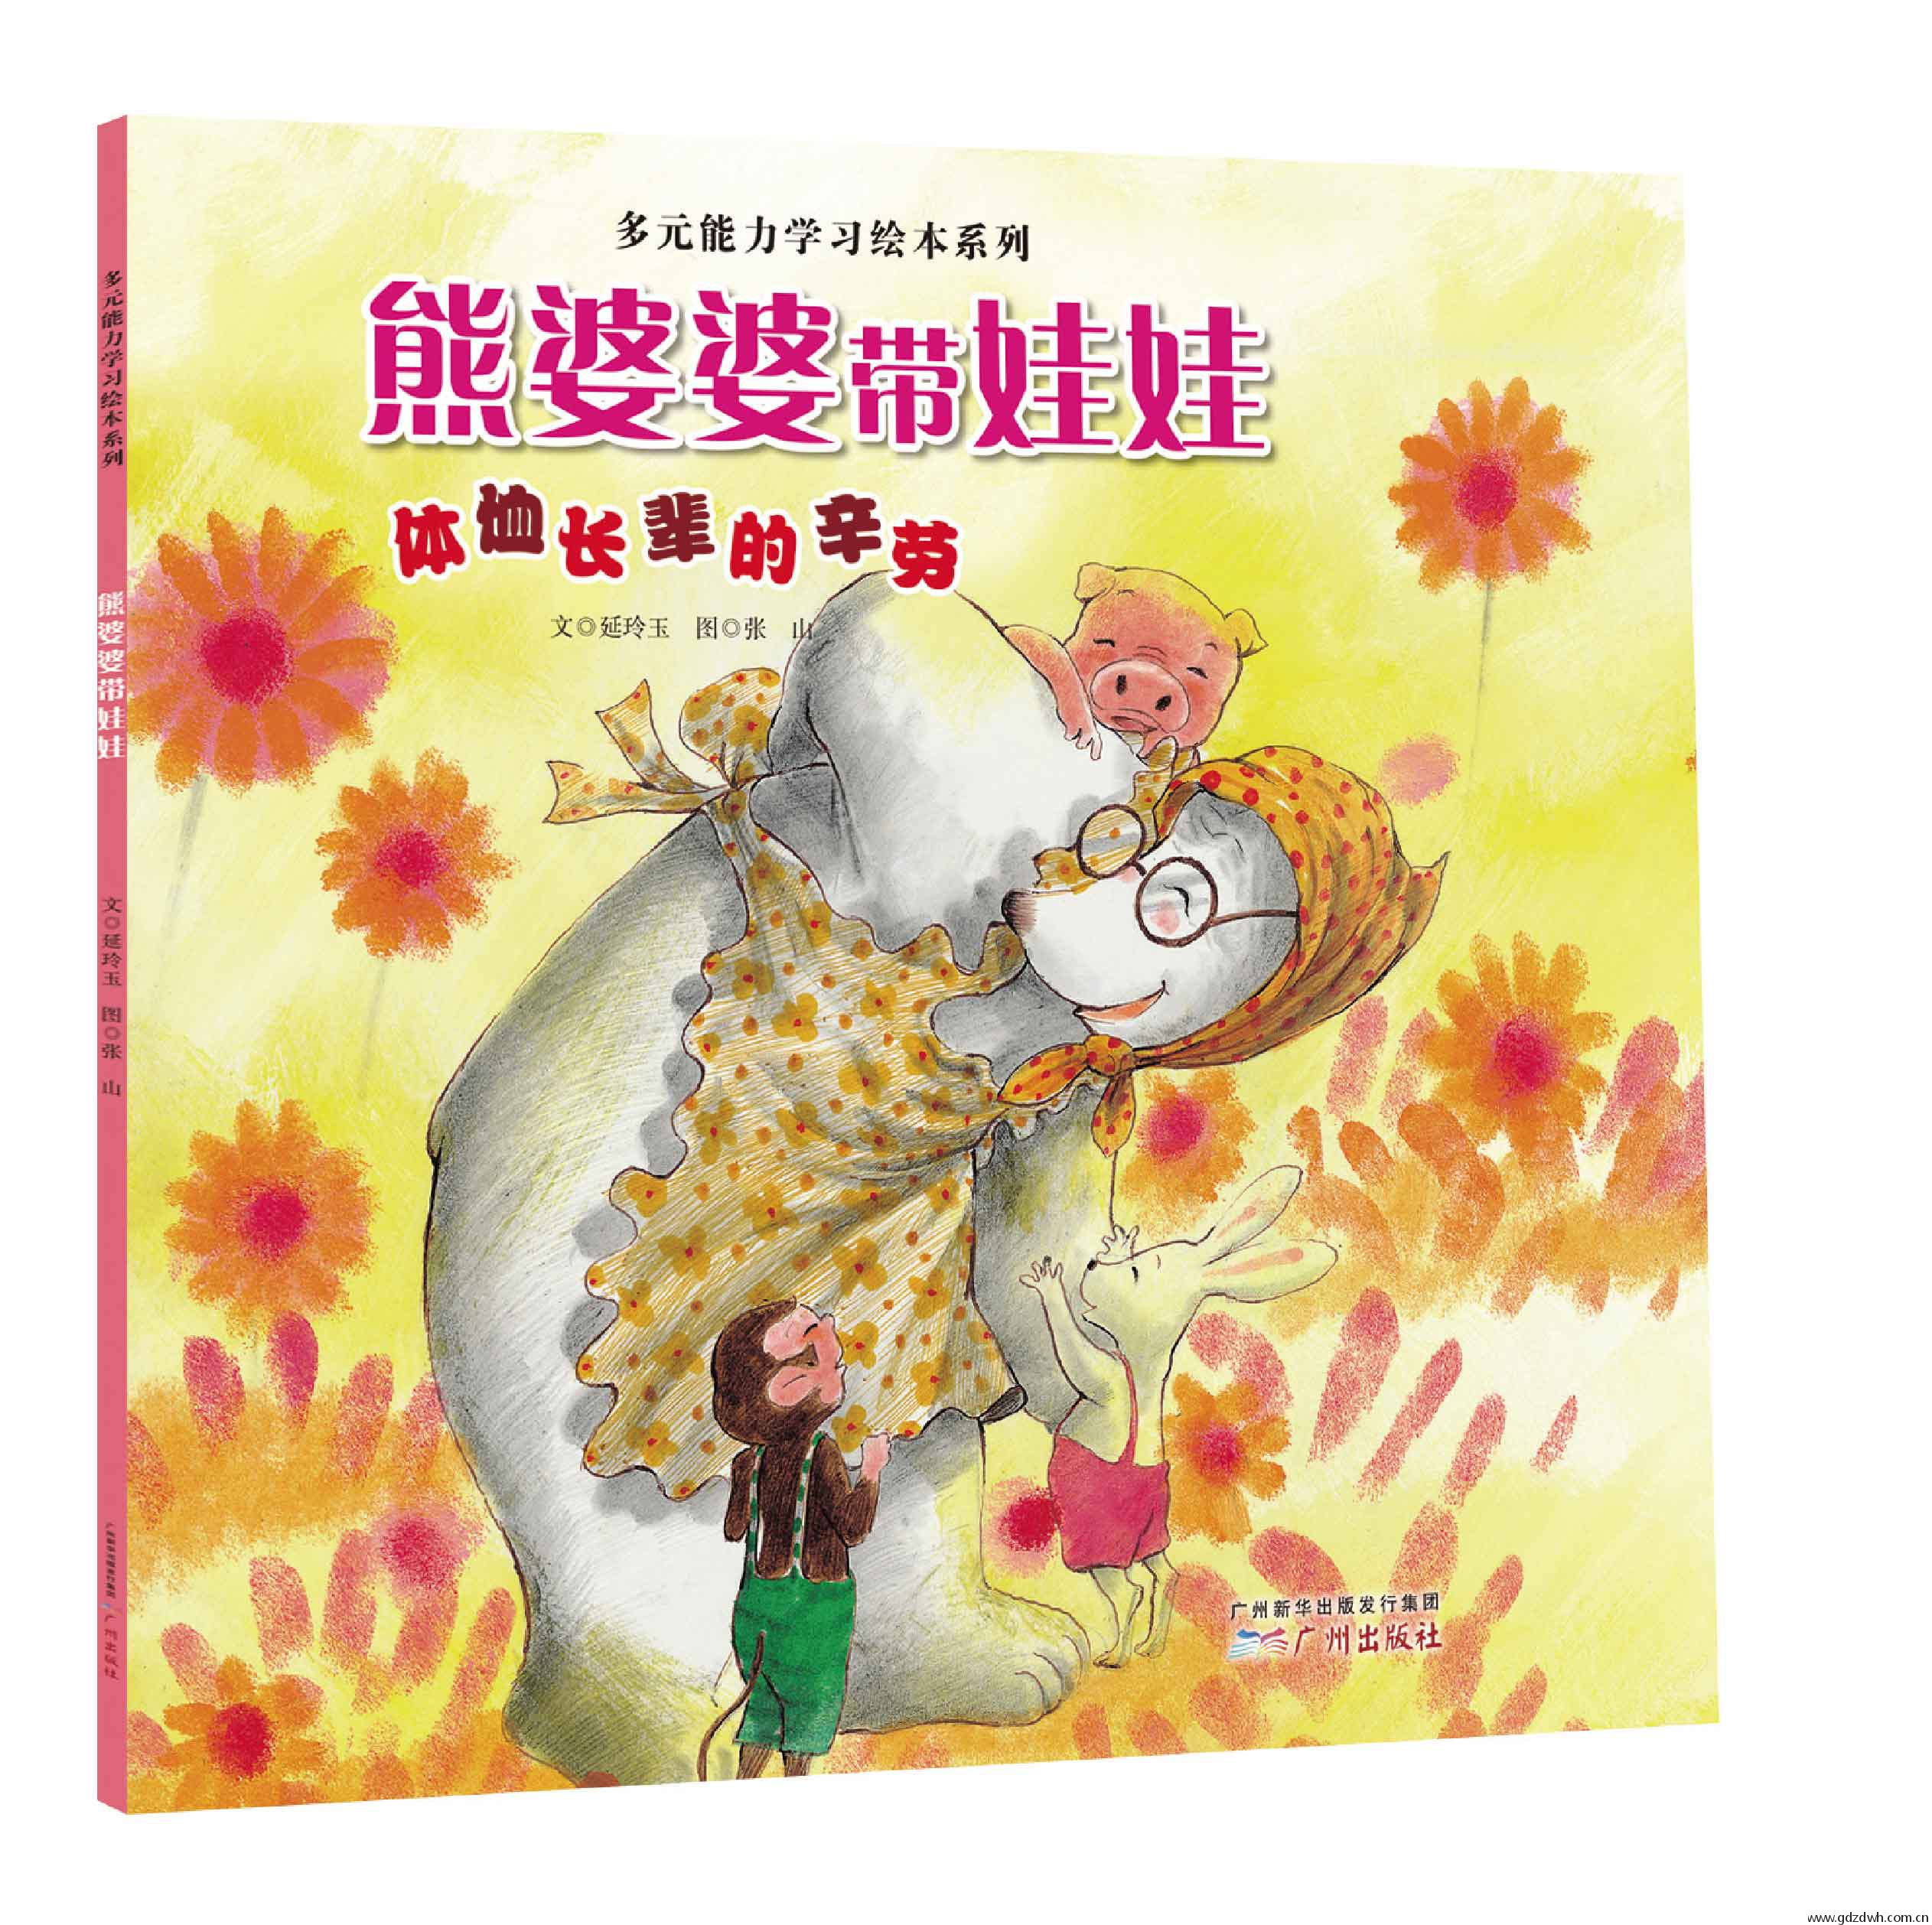 《多元能力学习绘本系列:熊婆婆带娃娃》